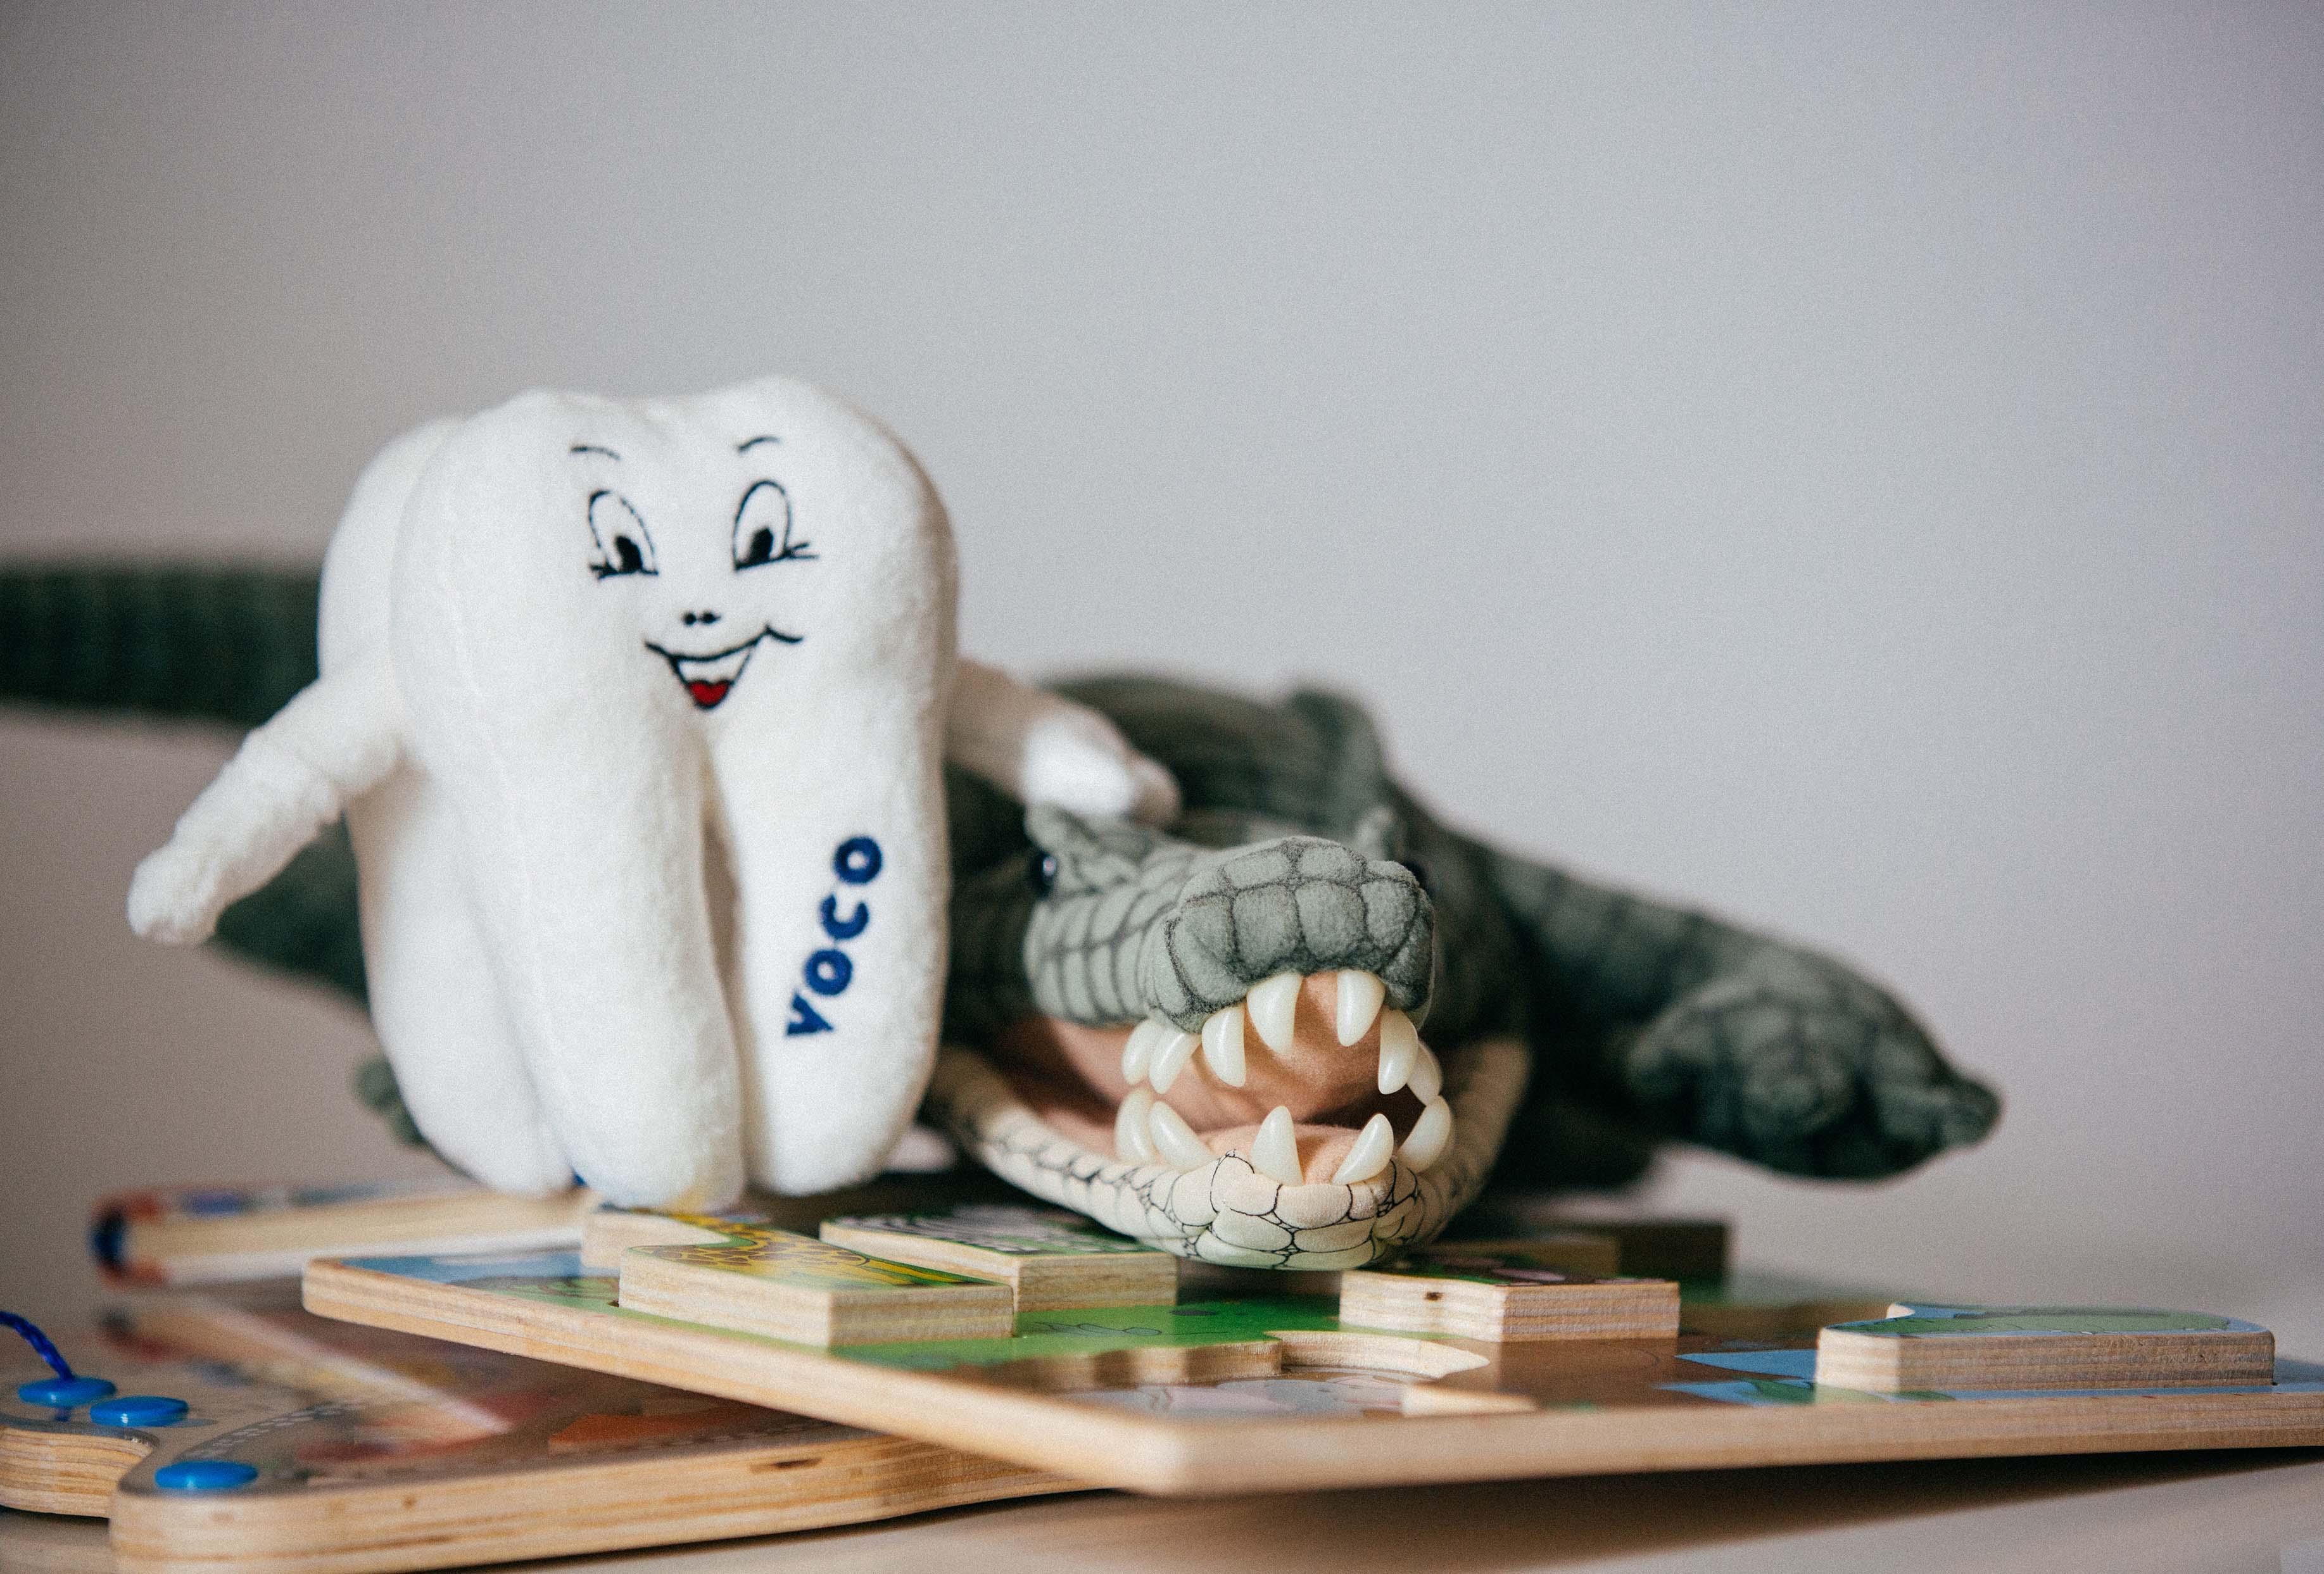 Zahnarzt Dr. Diete Praxis Bild 13